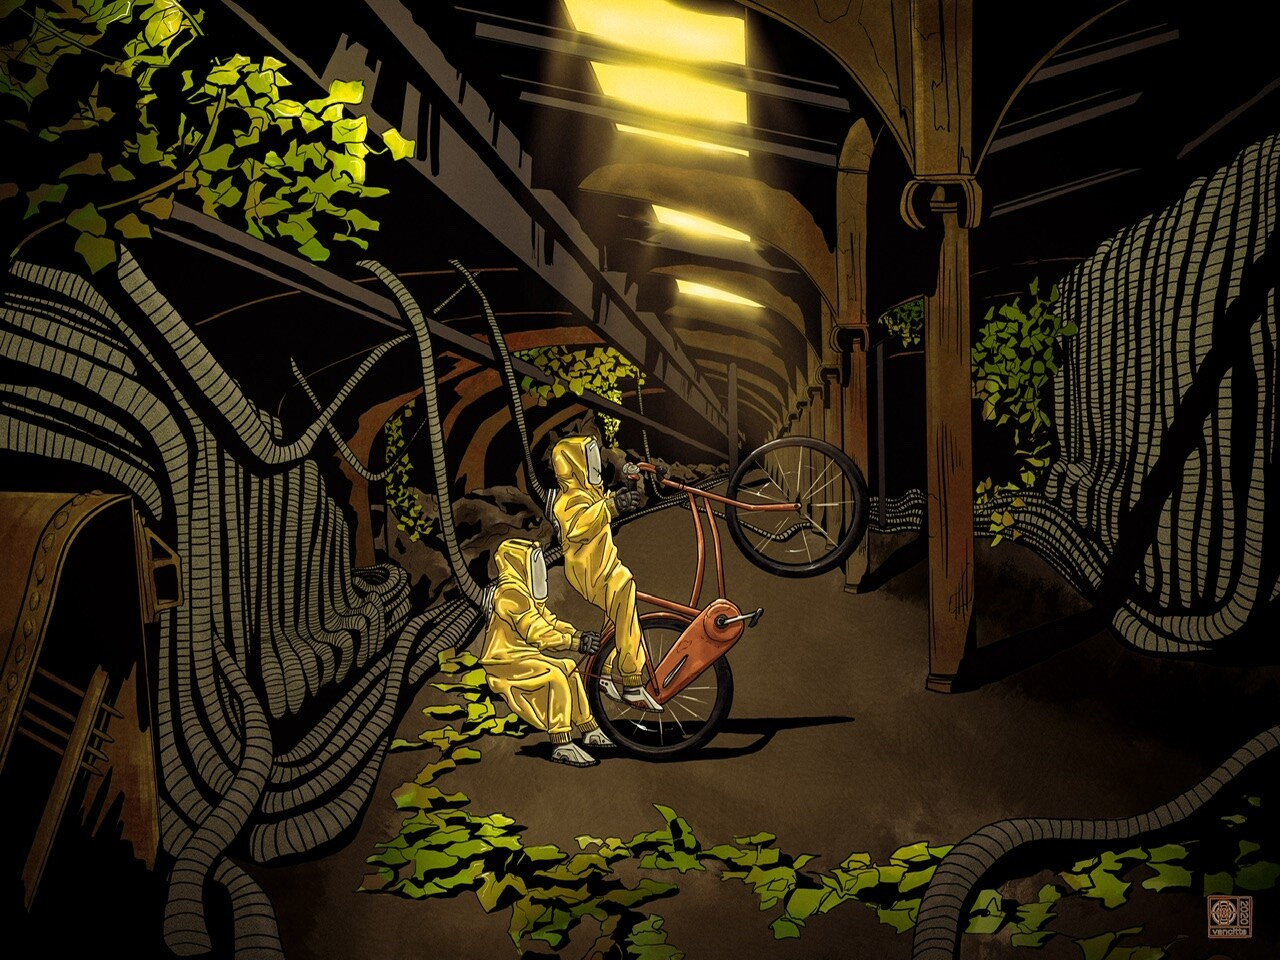 Post Apo Bicycle